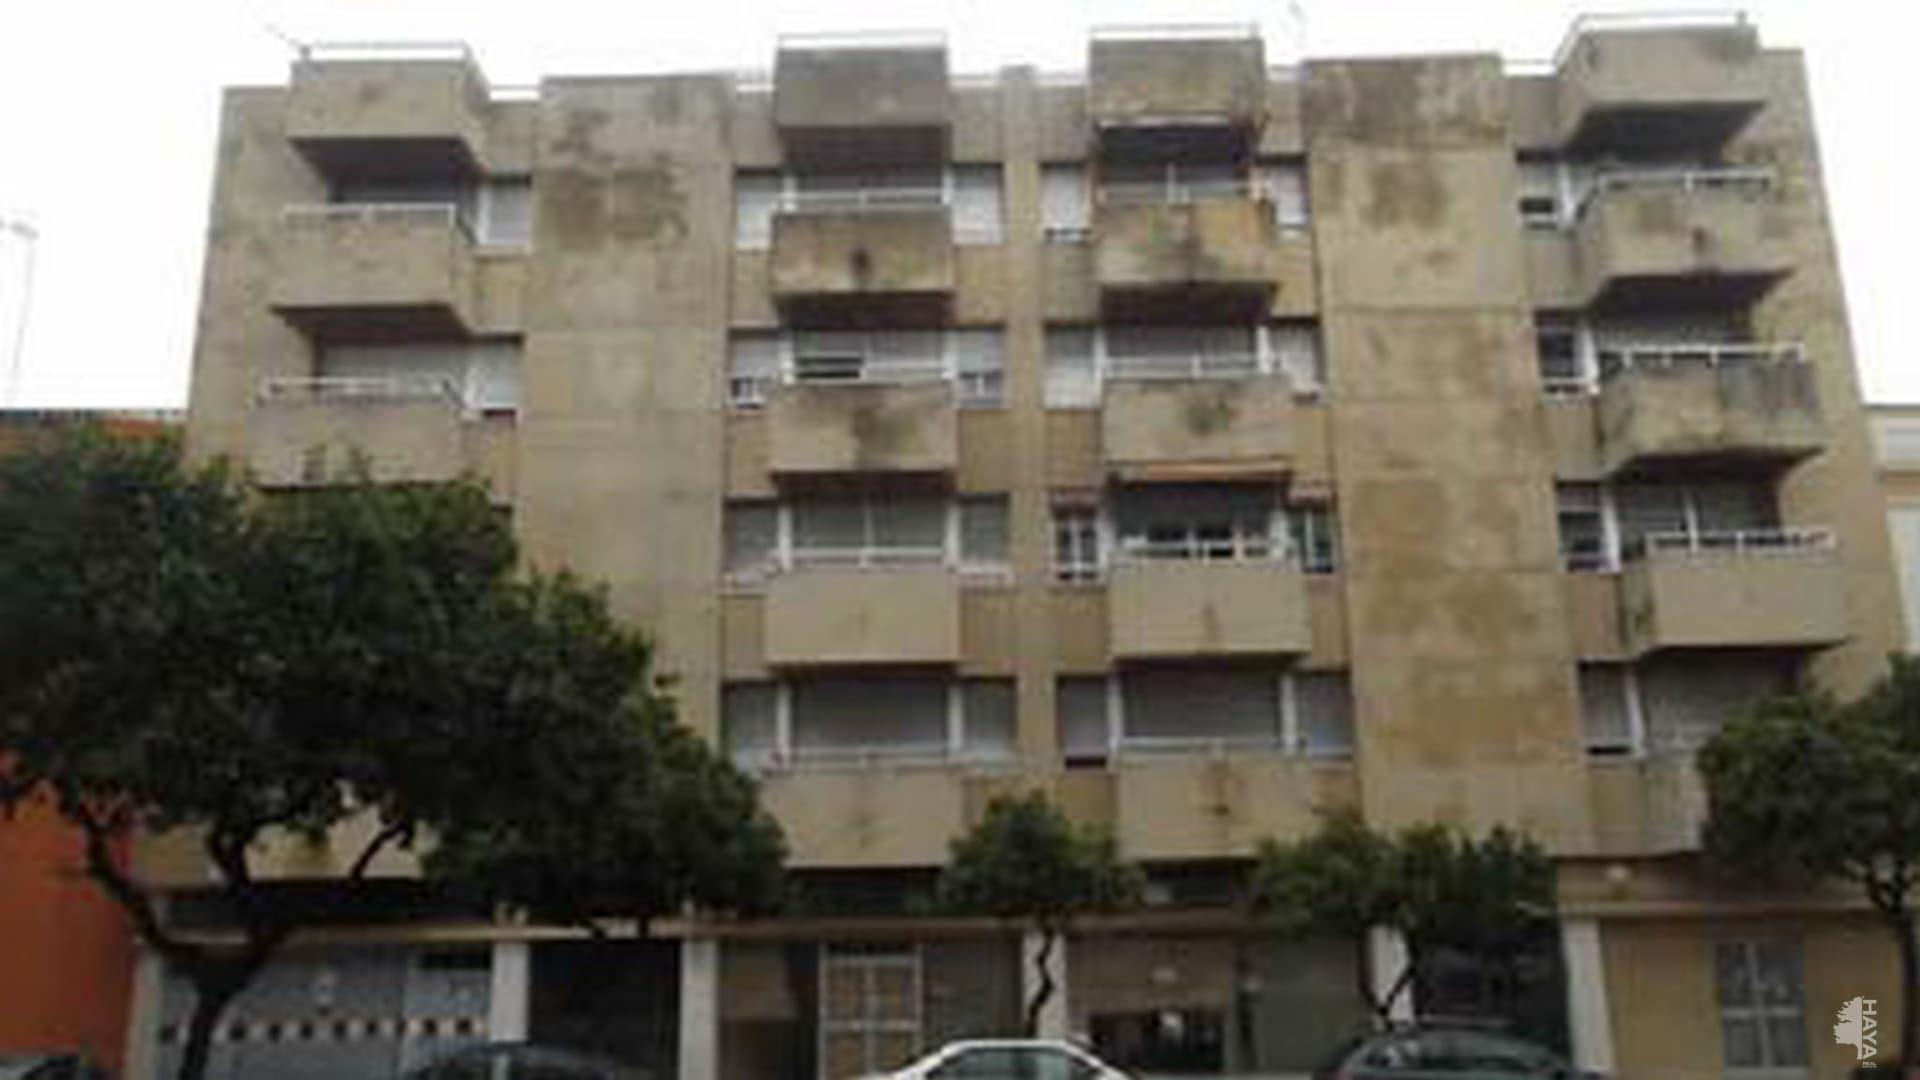 Piso en venta en Jerez de la Frontera, Cádiz, Calle Arcos, 153.910 €, 4 habitaciones, 1 baño, 153 m2